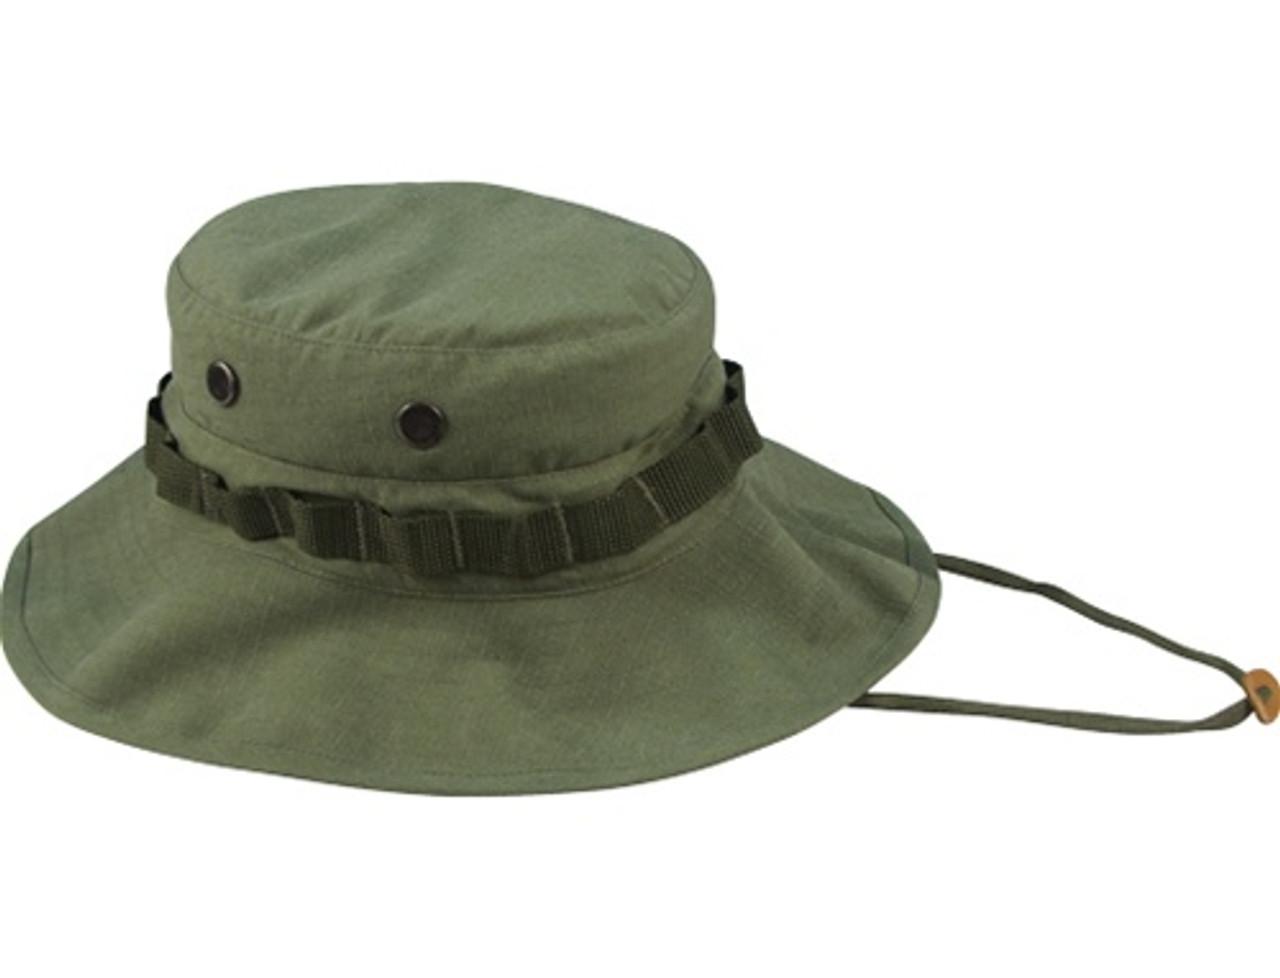 Vintage Vietnam Boonie Hat ripstop from Hessen Tactical.